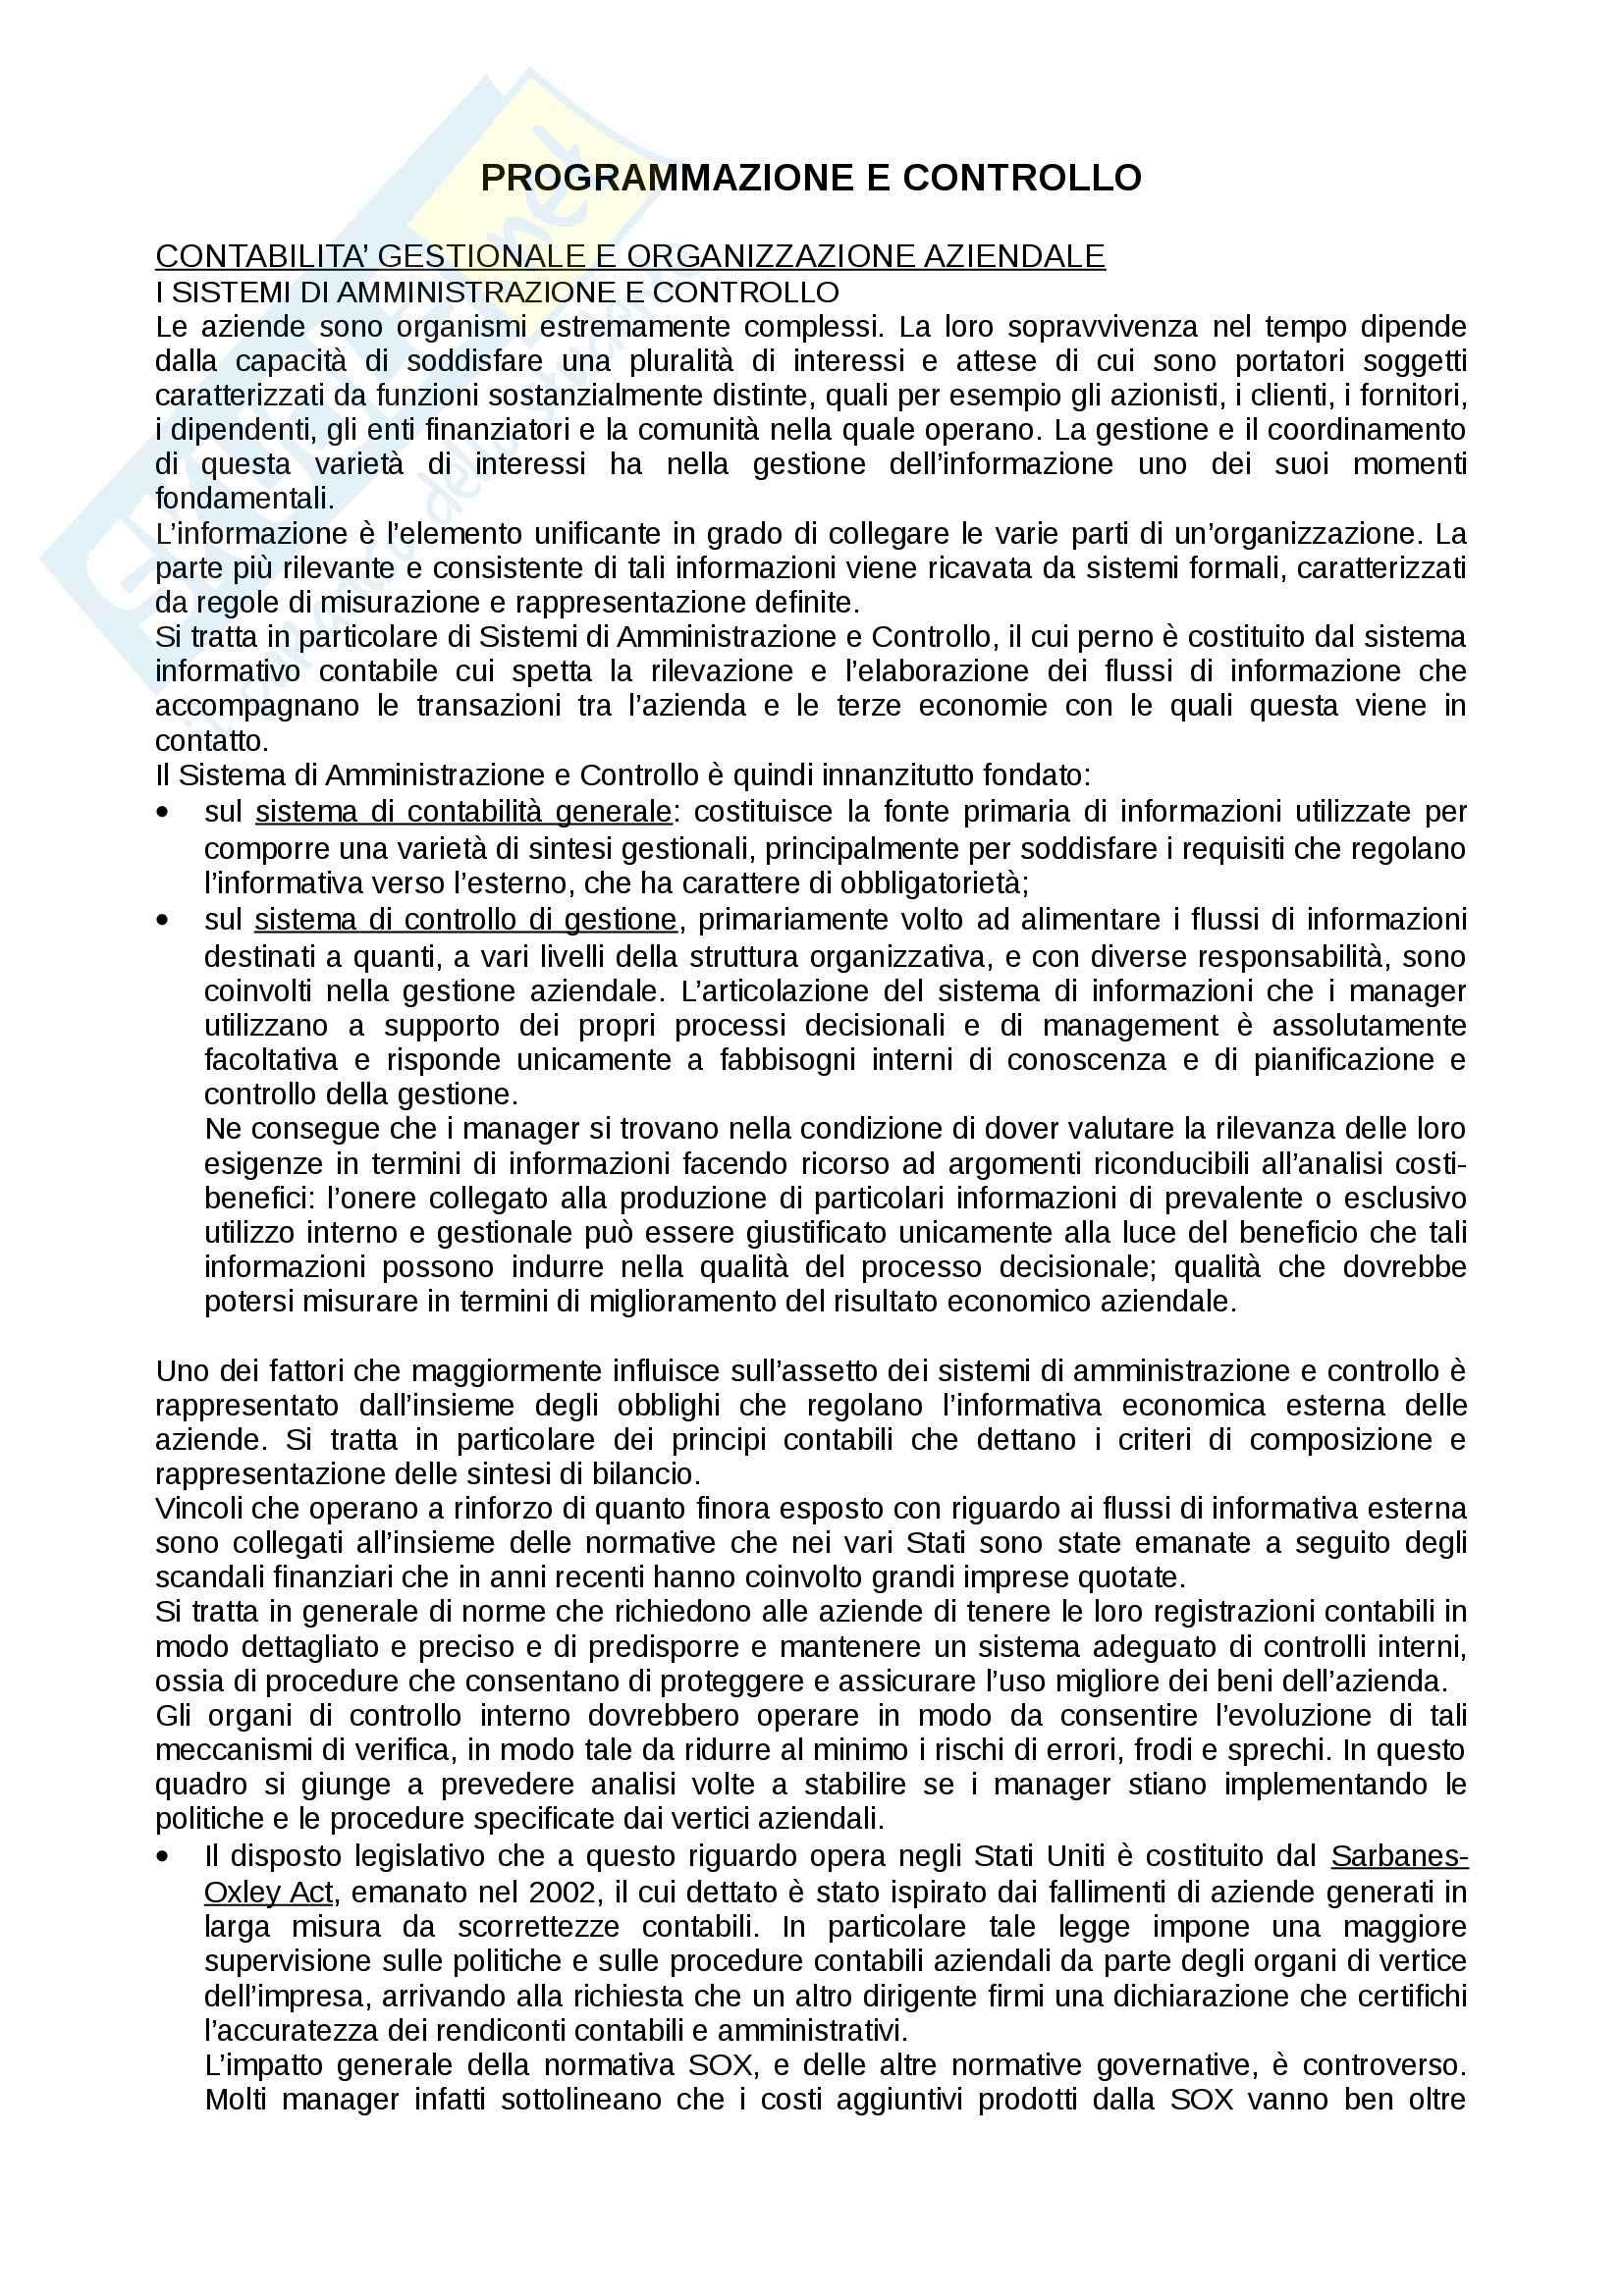 Riassunto esame Programmazione e controllo, prof. Pistoni, libro consigliato Programmazione e controllo, Horngren